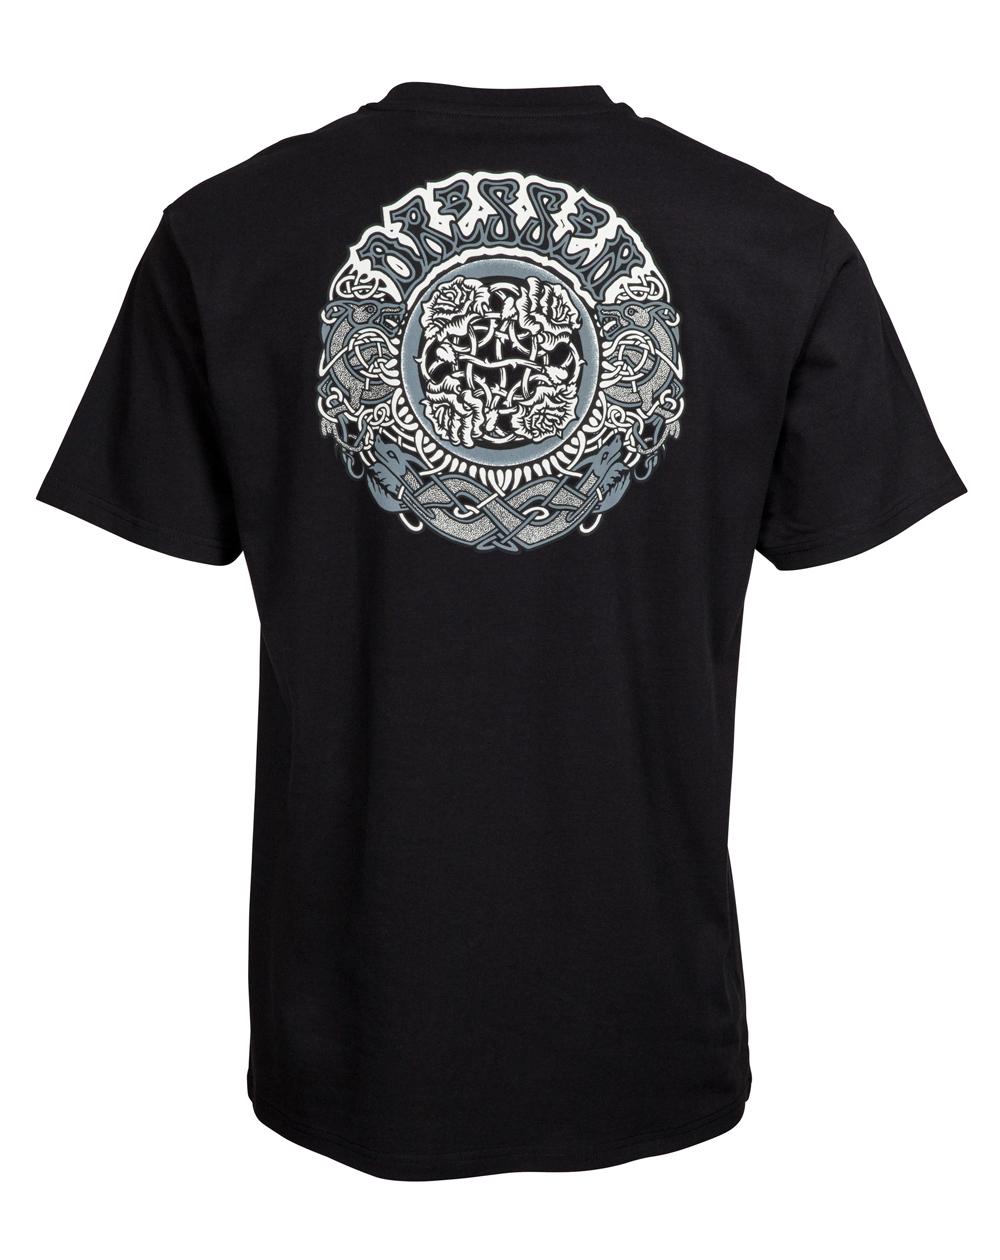 Santa Cruz Herren T-Shirt Dressen Black Roses Black